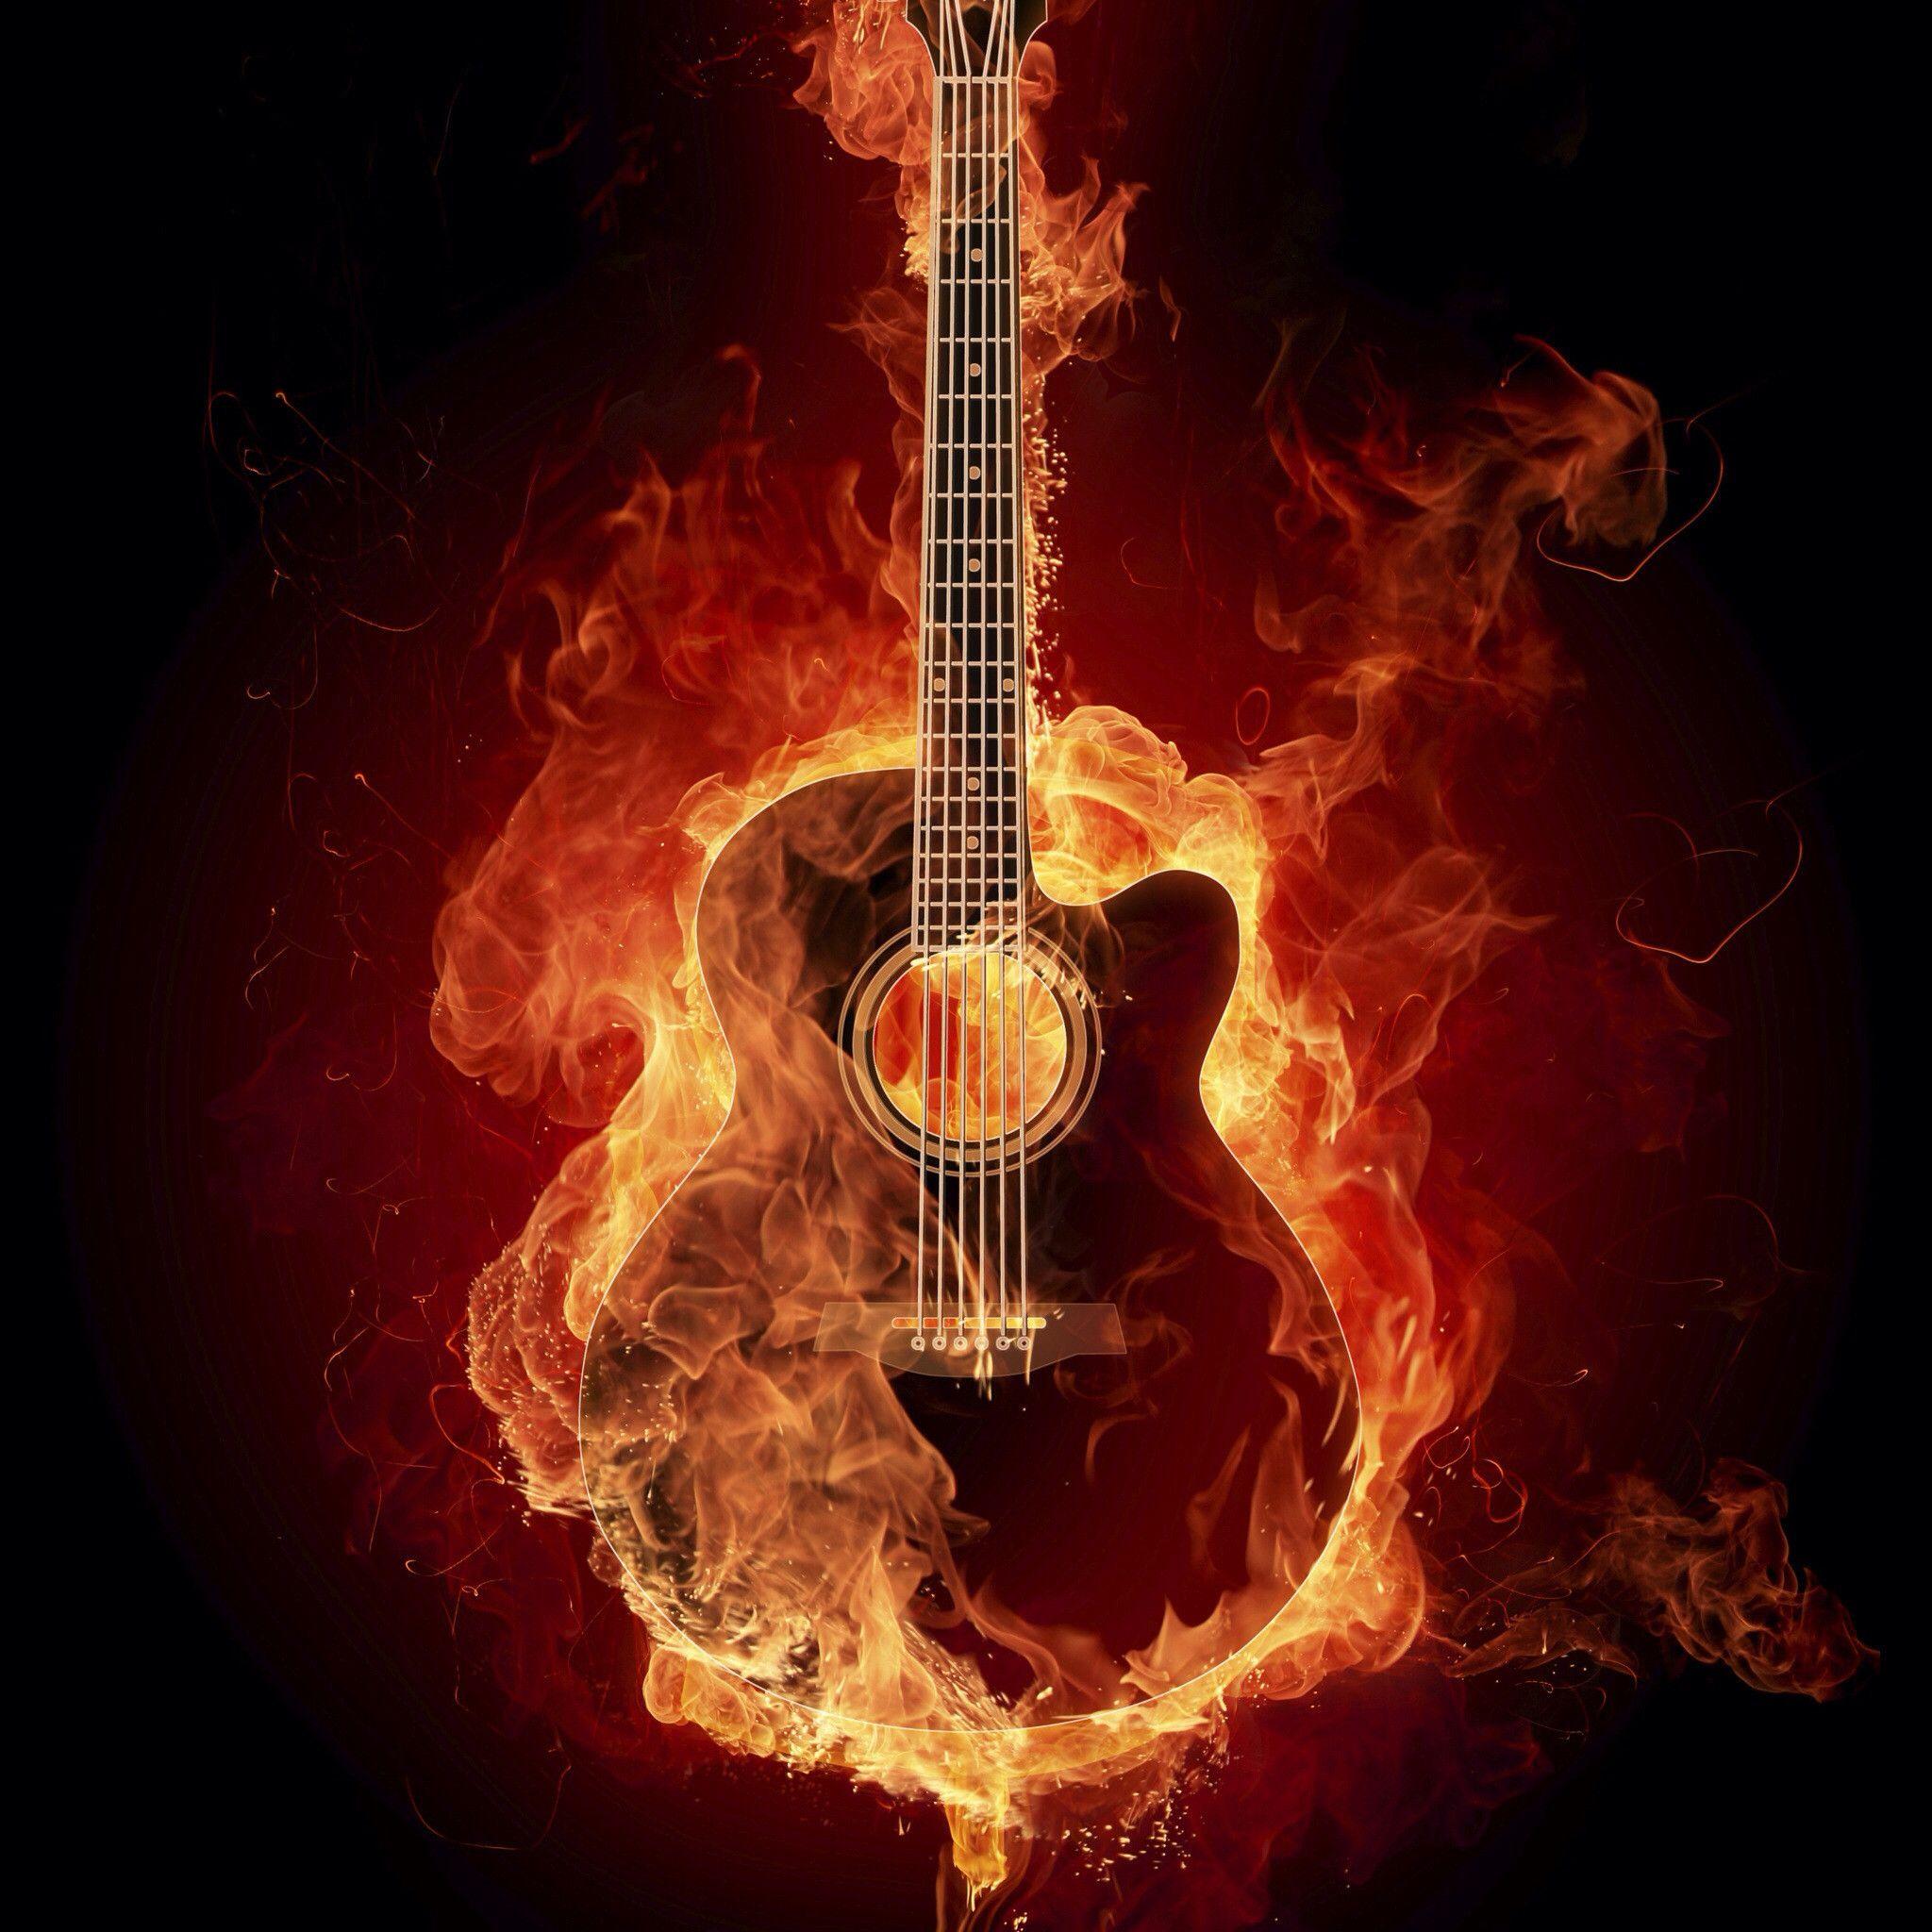 2048x2048 2048x2048 Cool guitar wallpaper Music